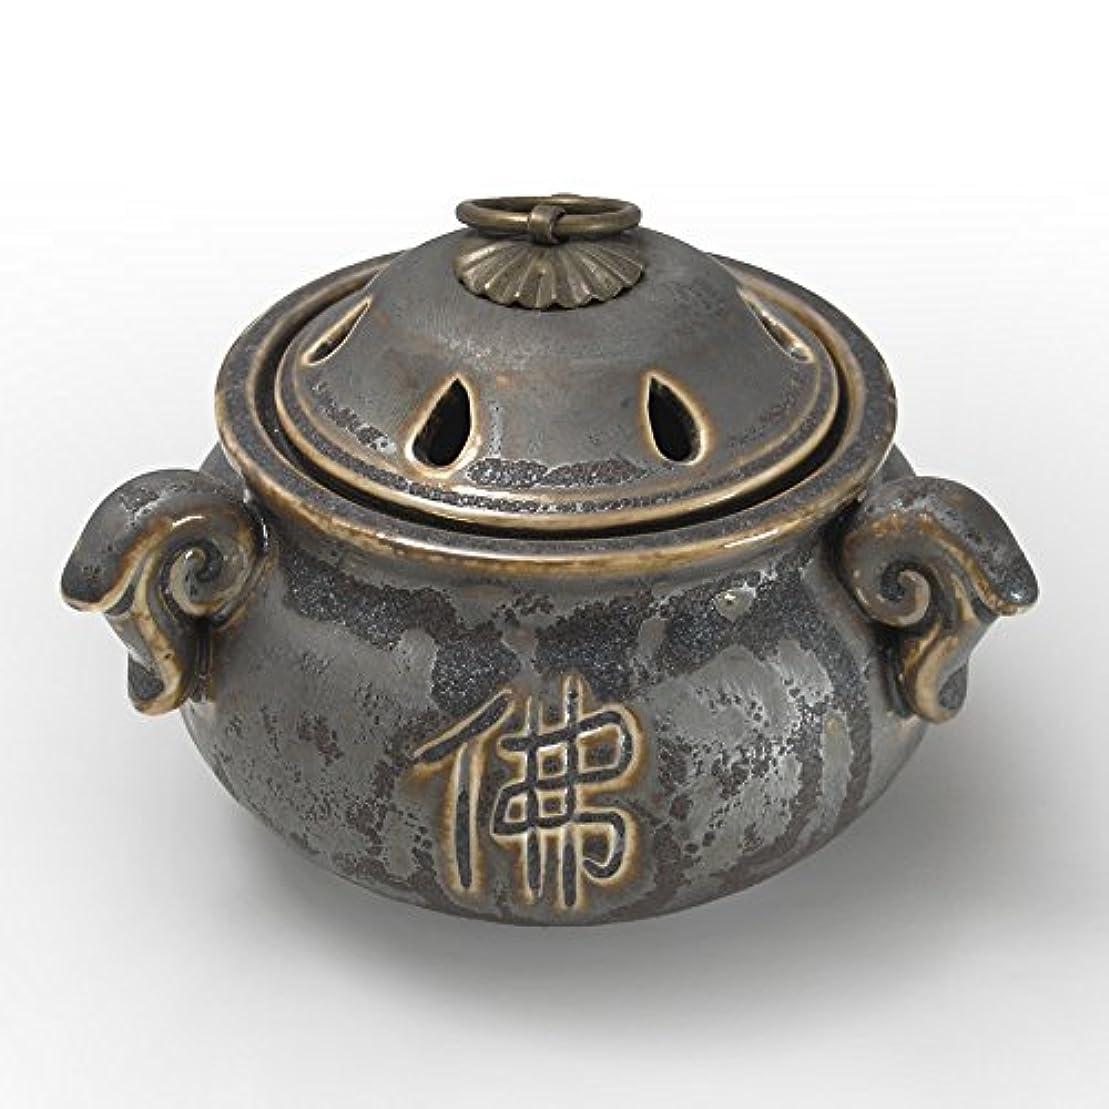 ウォルターカニンガムメガロポリス一目陶器香炉 アンティークデザイン